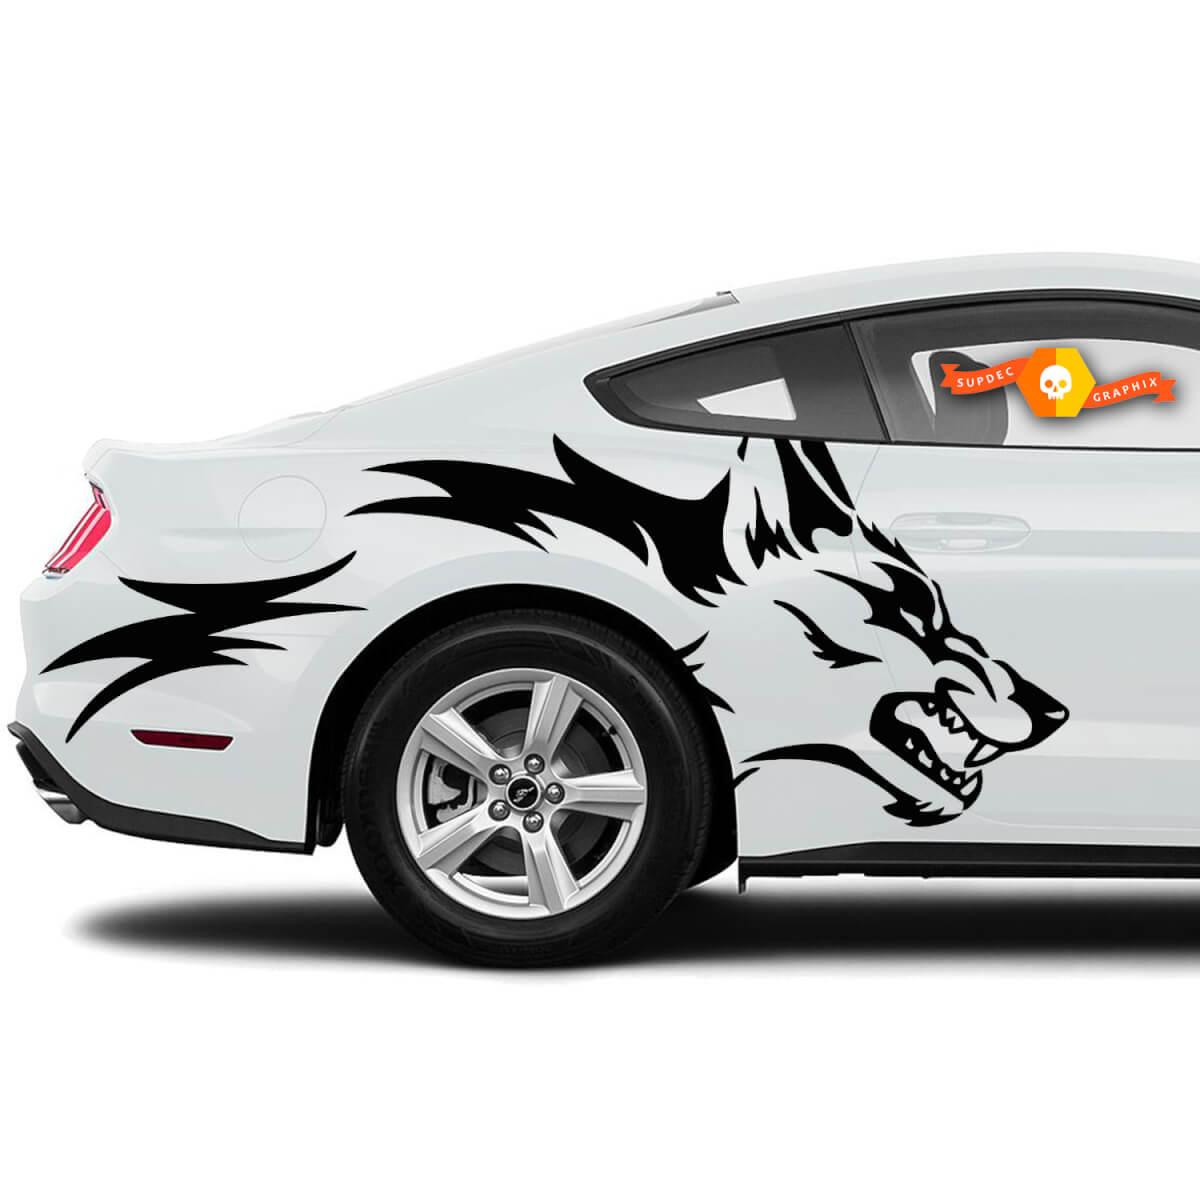 Mustang Ranger Coyote Wolf Grunge Design Stammestür Bett Seite Pickup Fahrzeug LKW Auto Vinyl Grafik Aufkleber Aufkleber